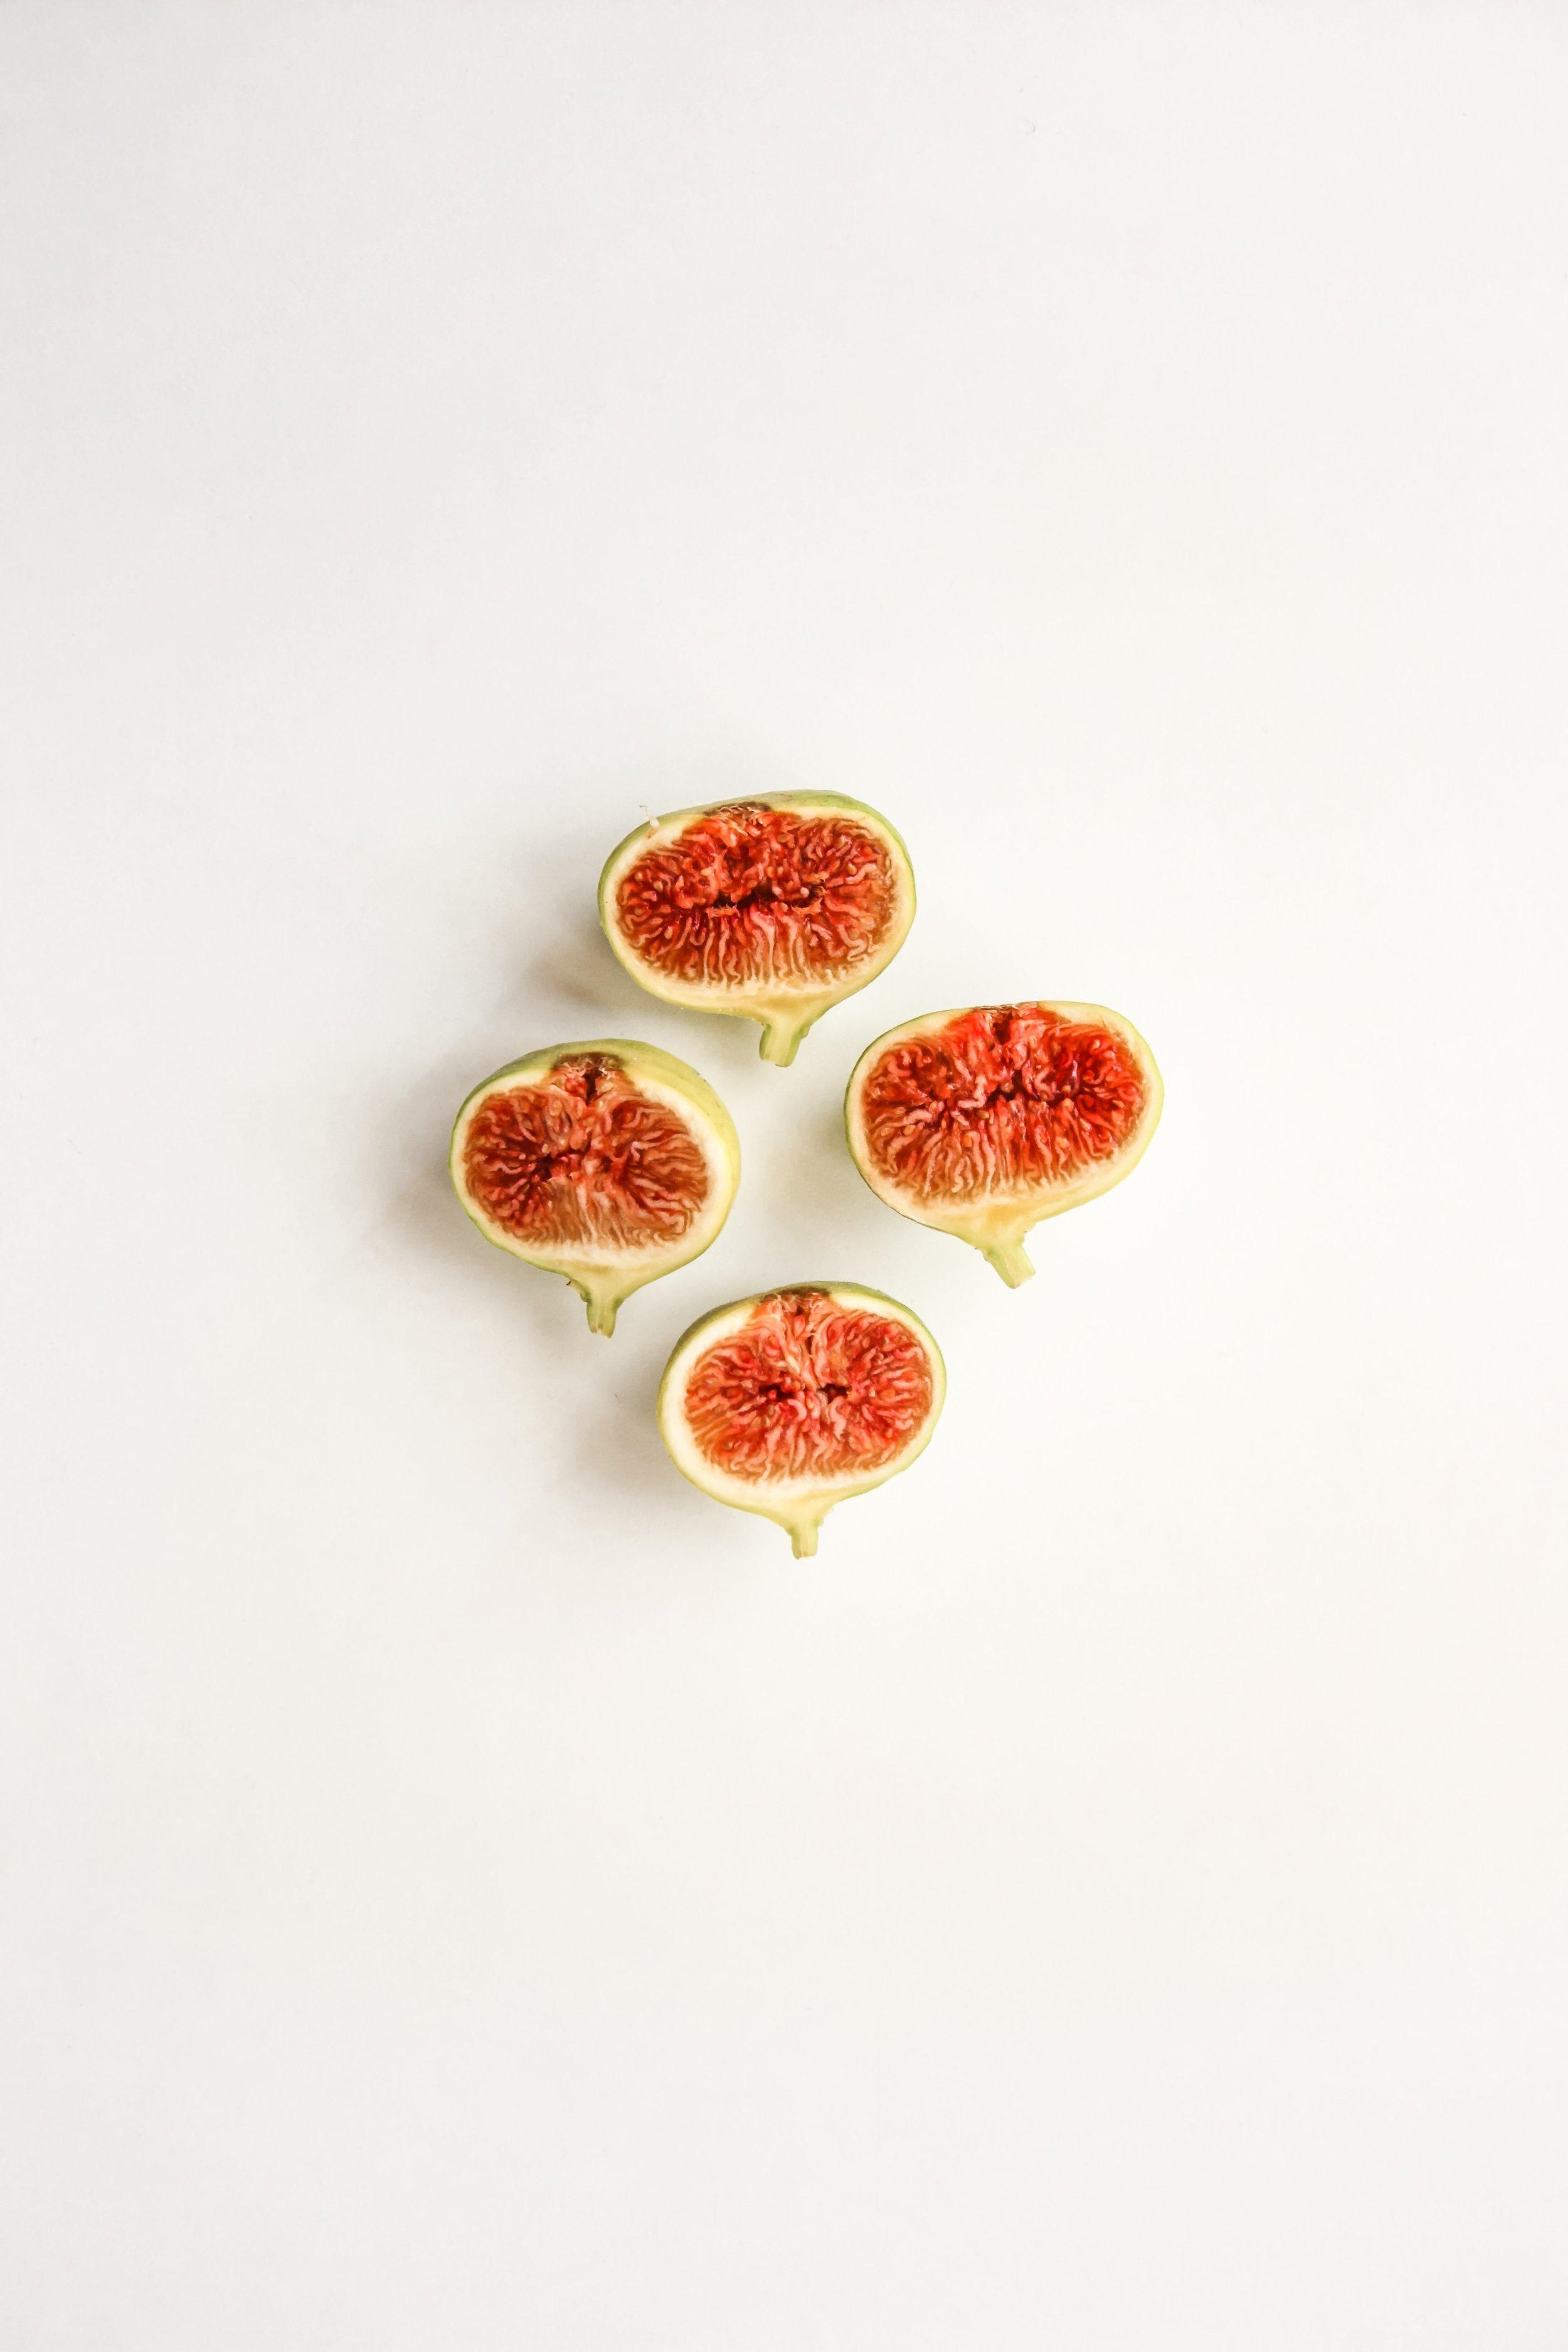 Roasted Fig Salad